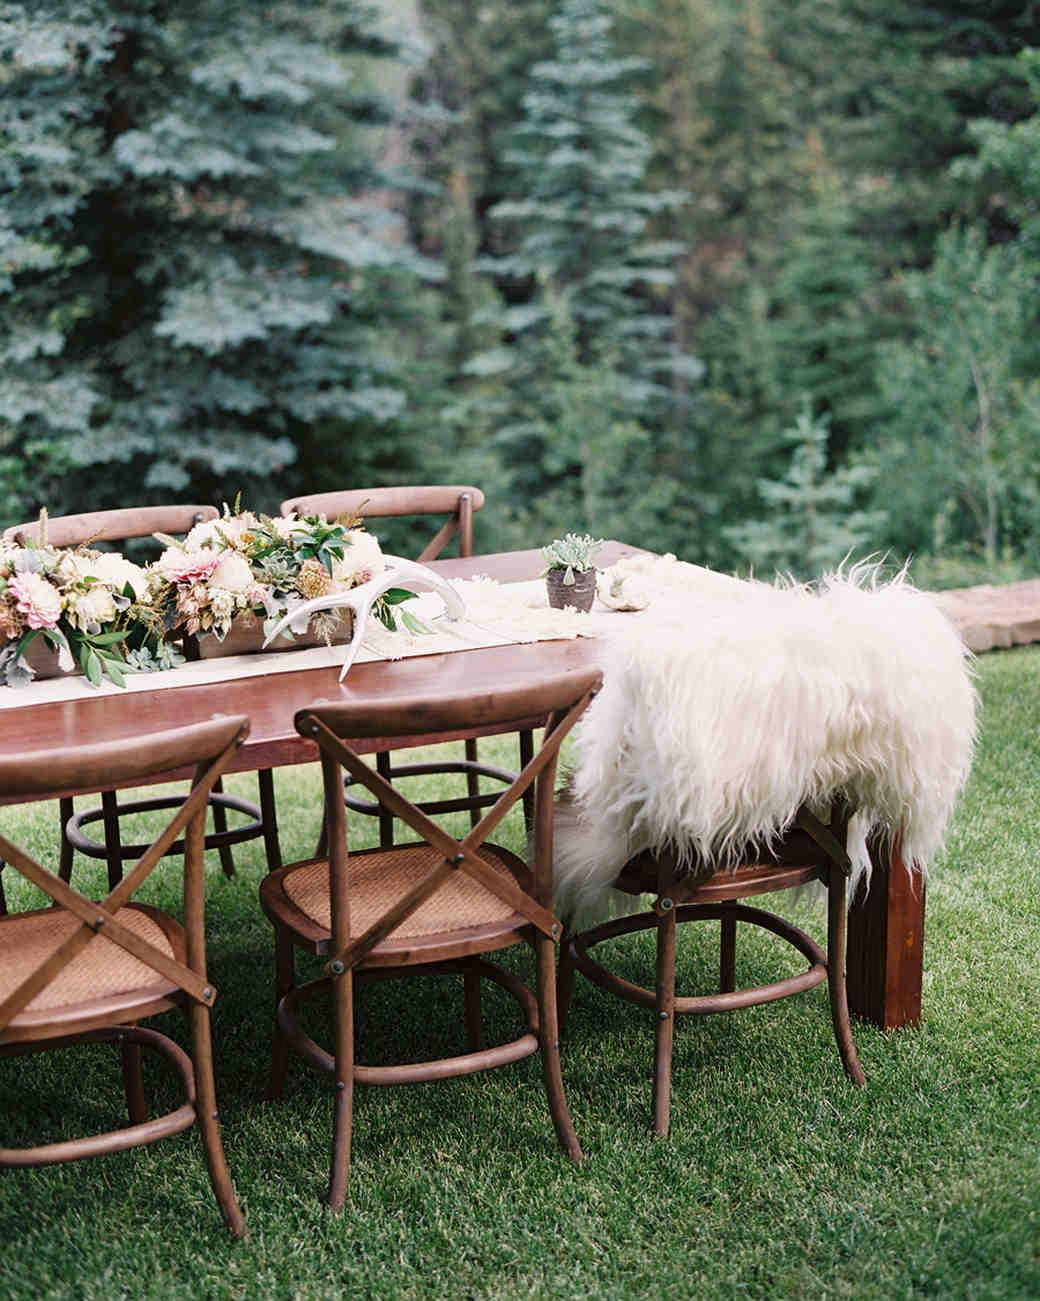 veronica-daniel-wedding-welcome-party-aspen-78-s112050-0915.jpg